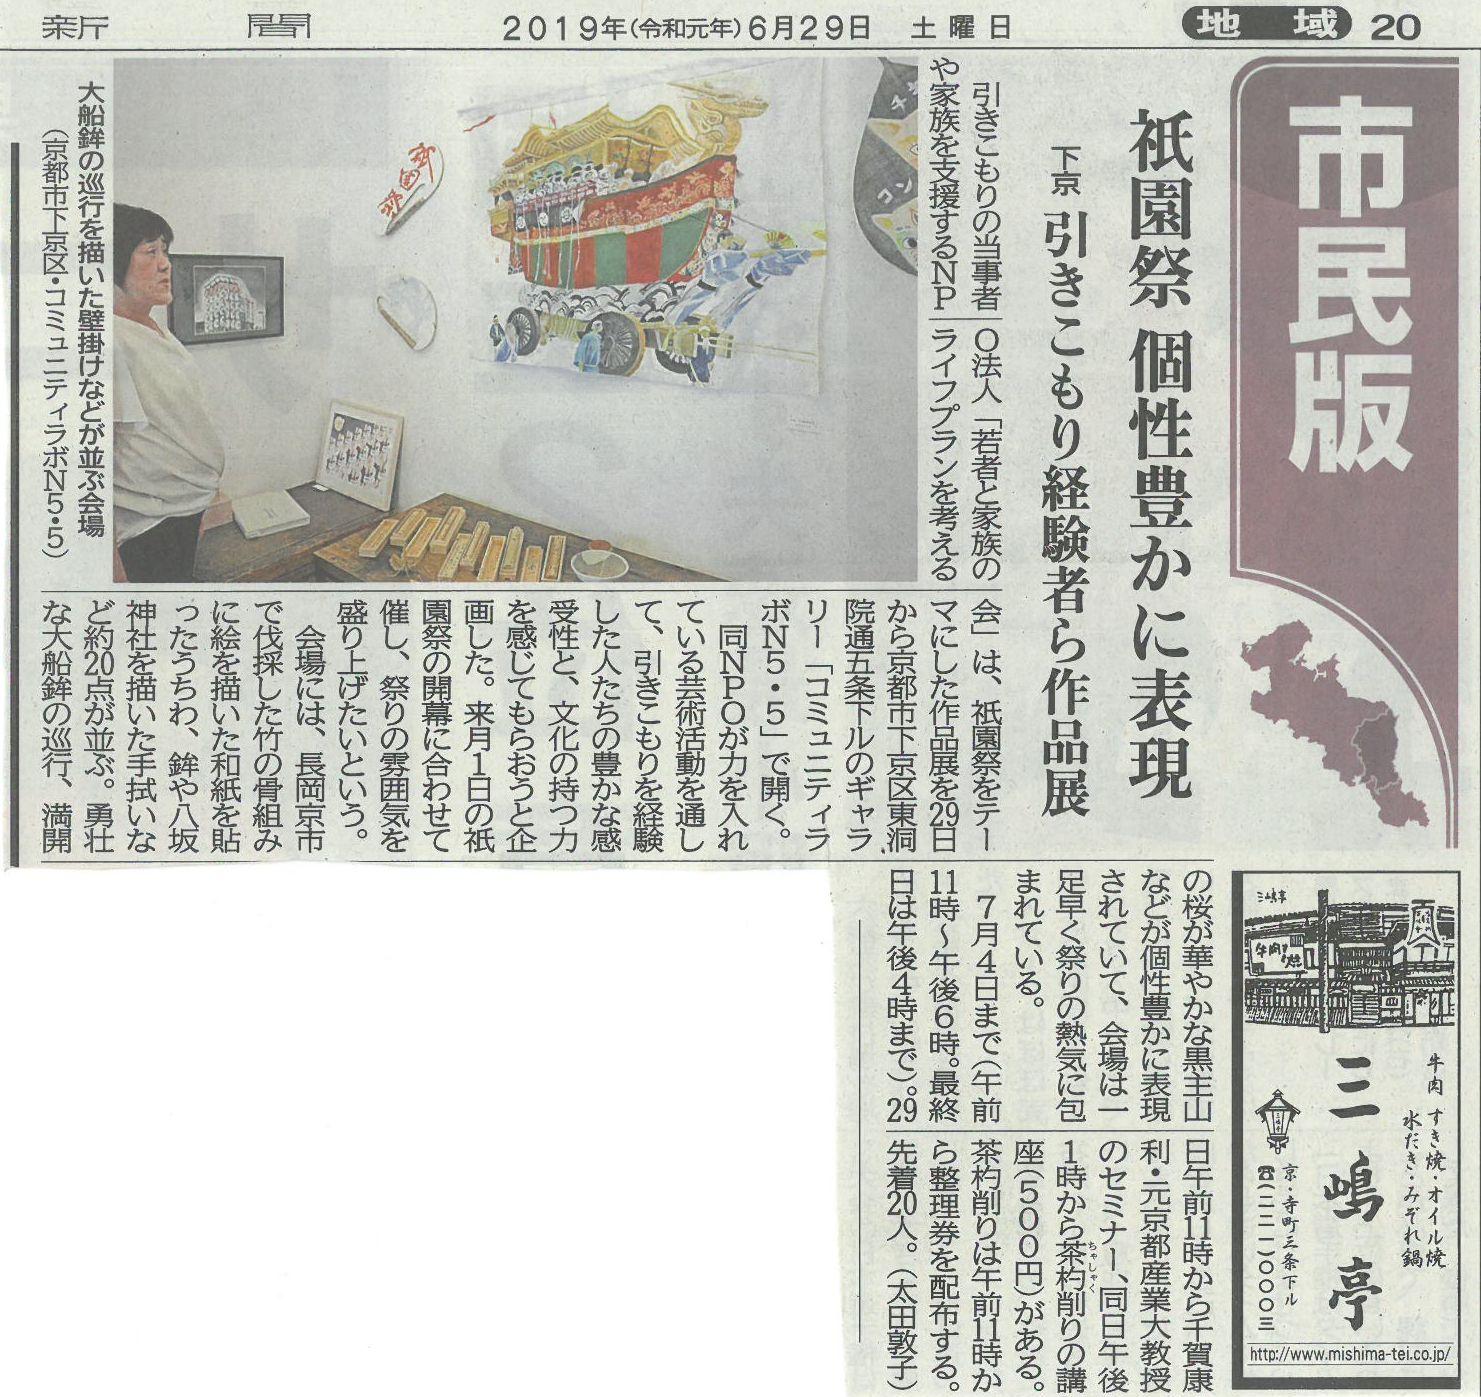 2019年6月29日付京都新聞 祇園祭個性豊かに表現 下京引きこもり経験者ら作品展